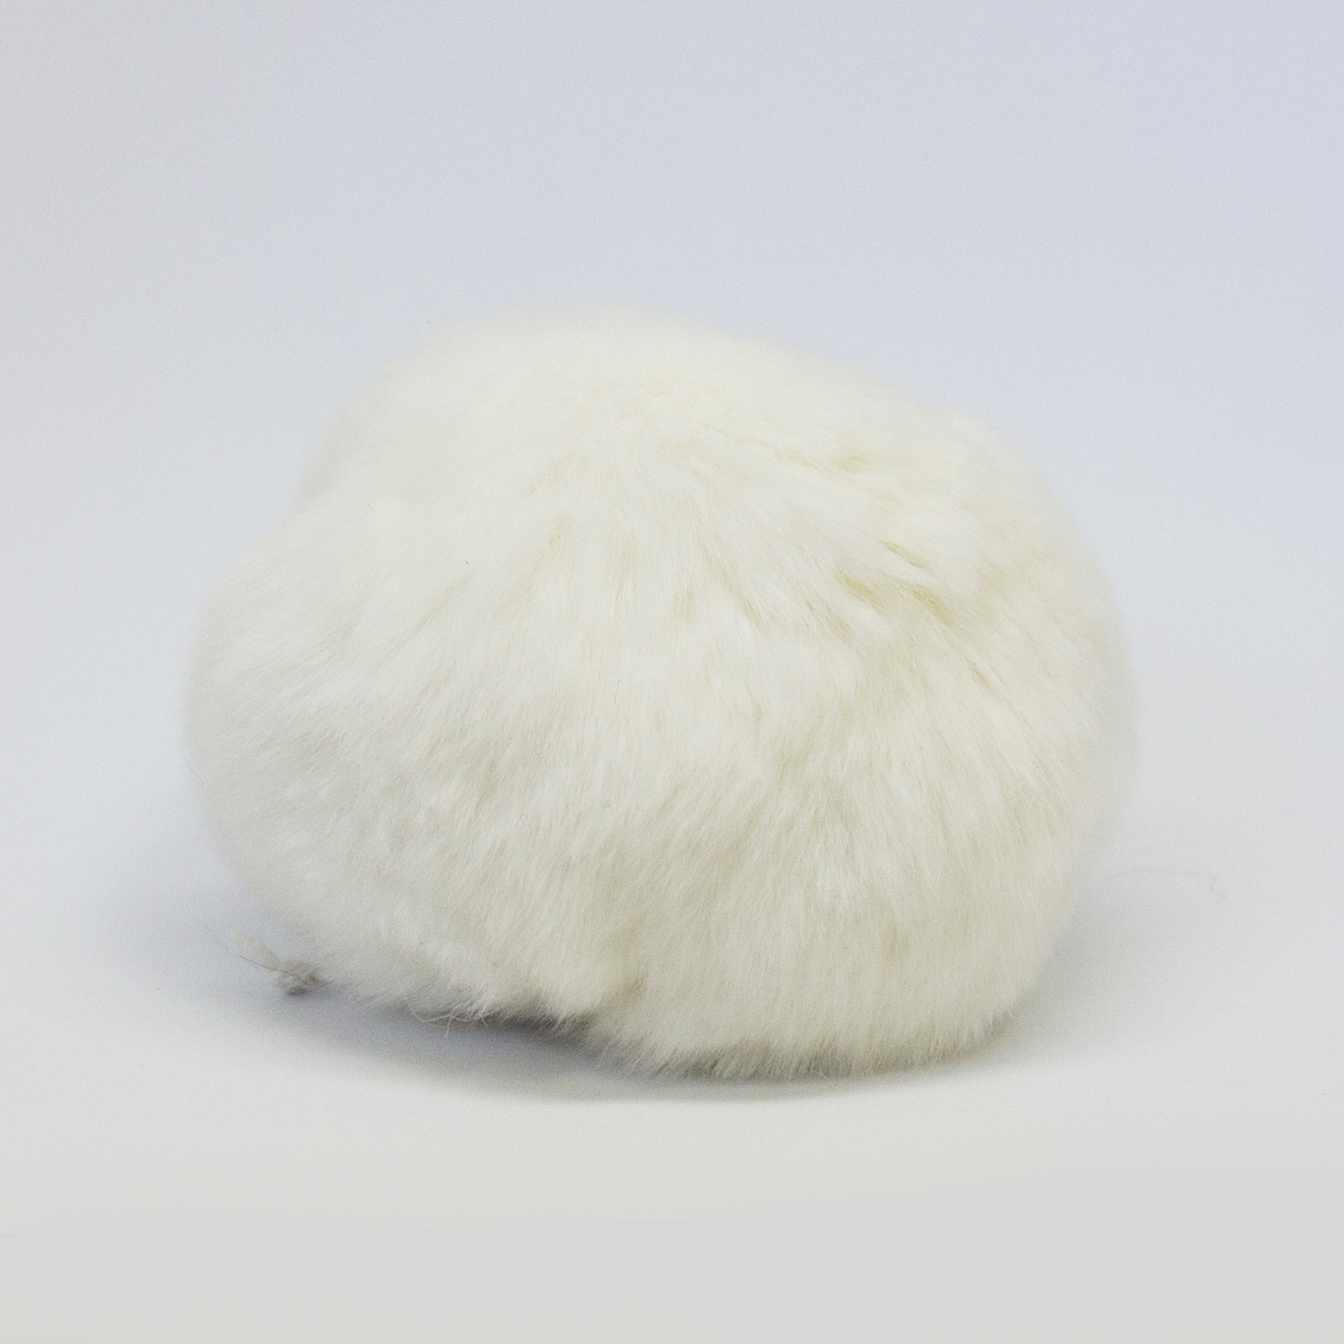 Помпон D9 мех кролик (рекс) Цвет.01 Натуральный белый